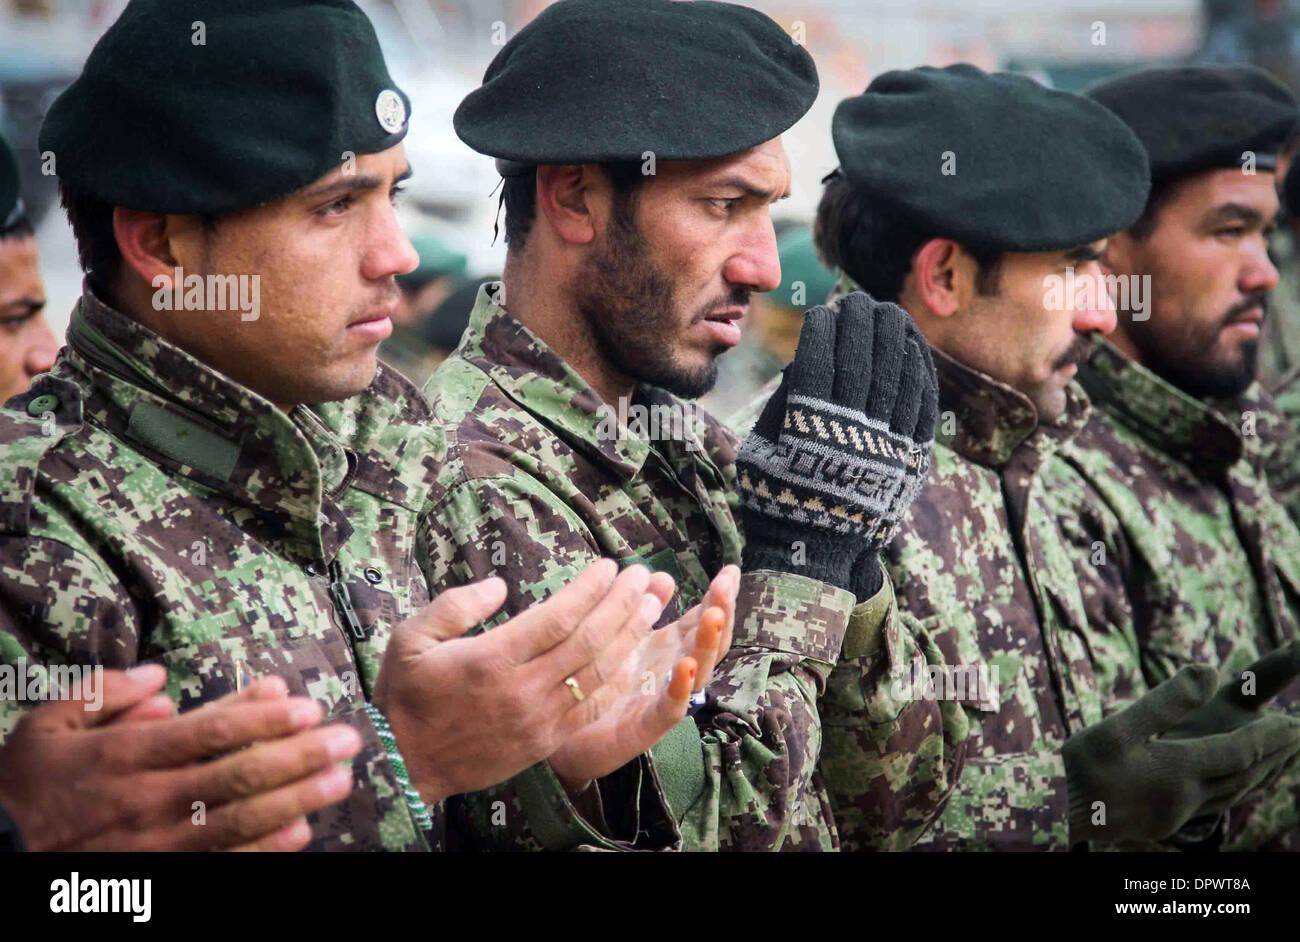 Les soldats de l'Armée nationale afghane prier lors d'une cérémonie au camp Eagle 30 décembre 2013 dans la province de Zaboul, Afghanistan. Photo Stock